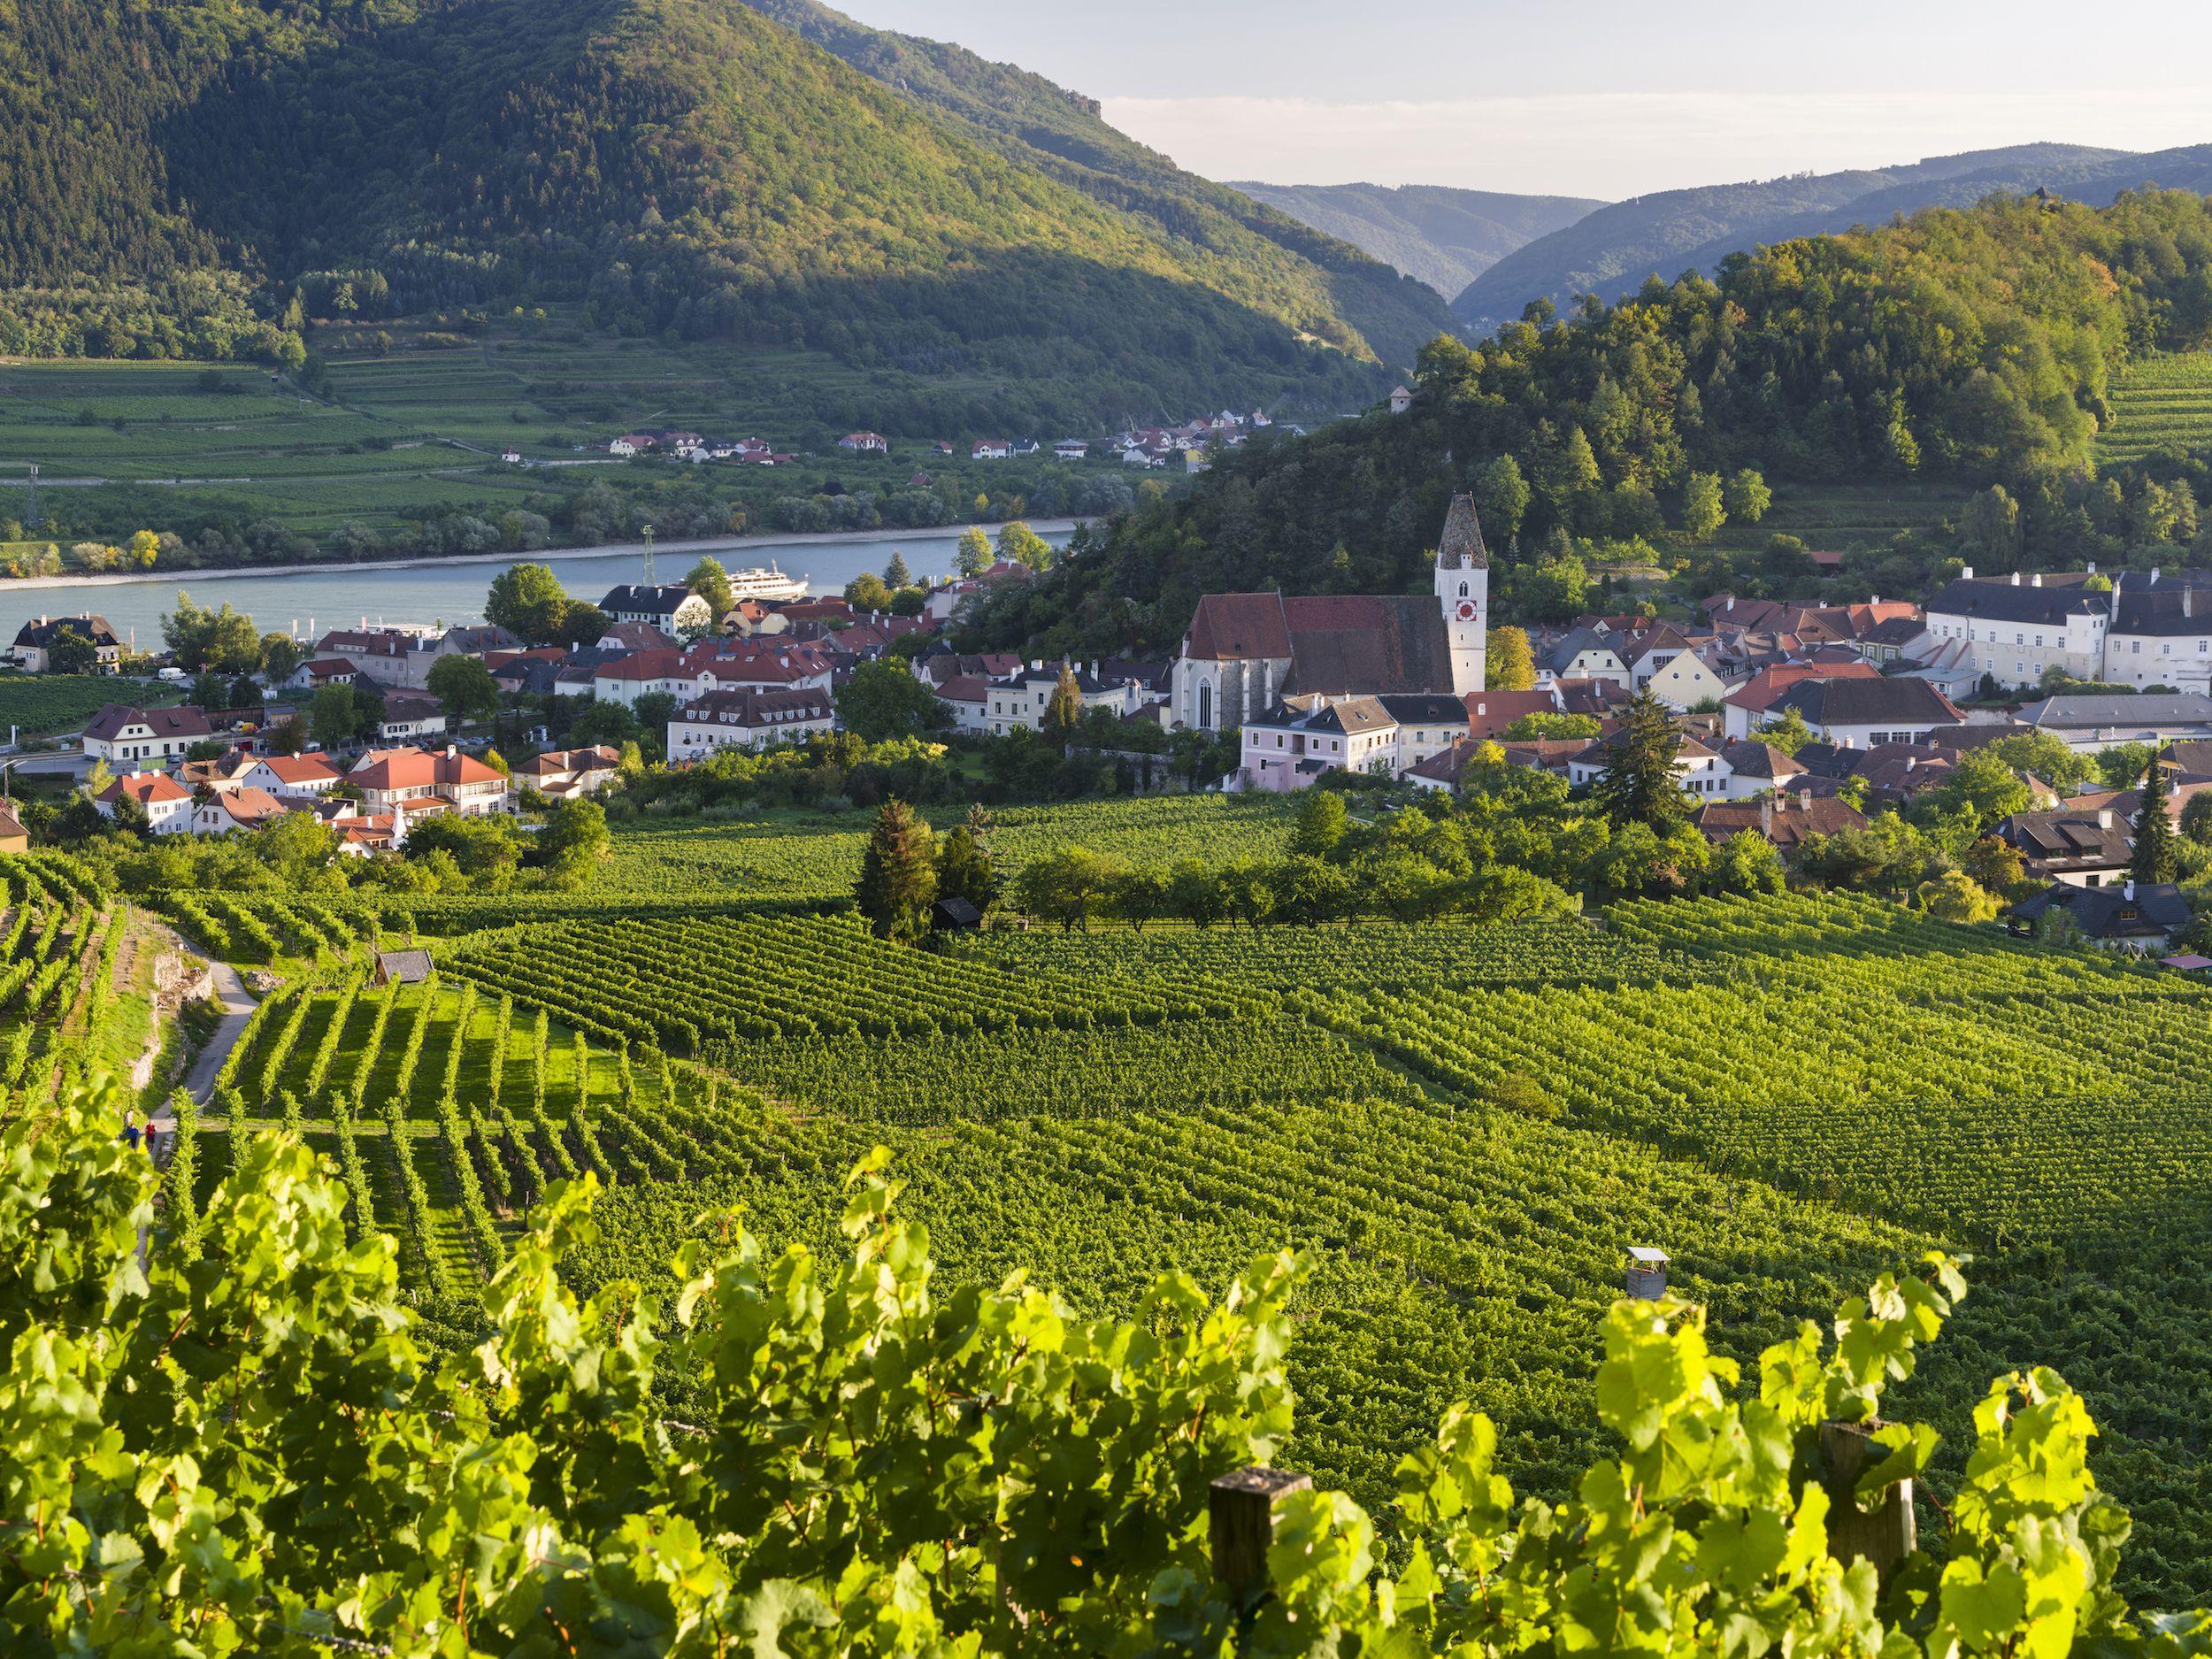 El valle de Wachau en Austria: Patrimonio de la Humanidad por la UNESCO